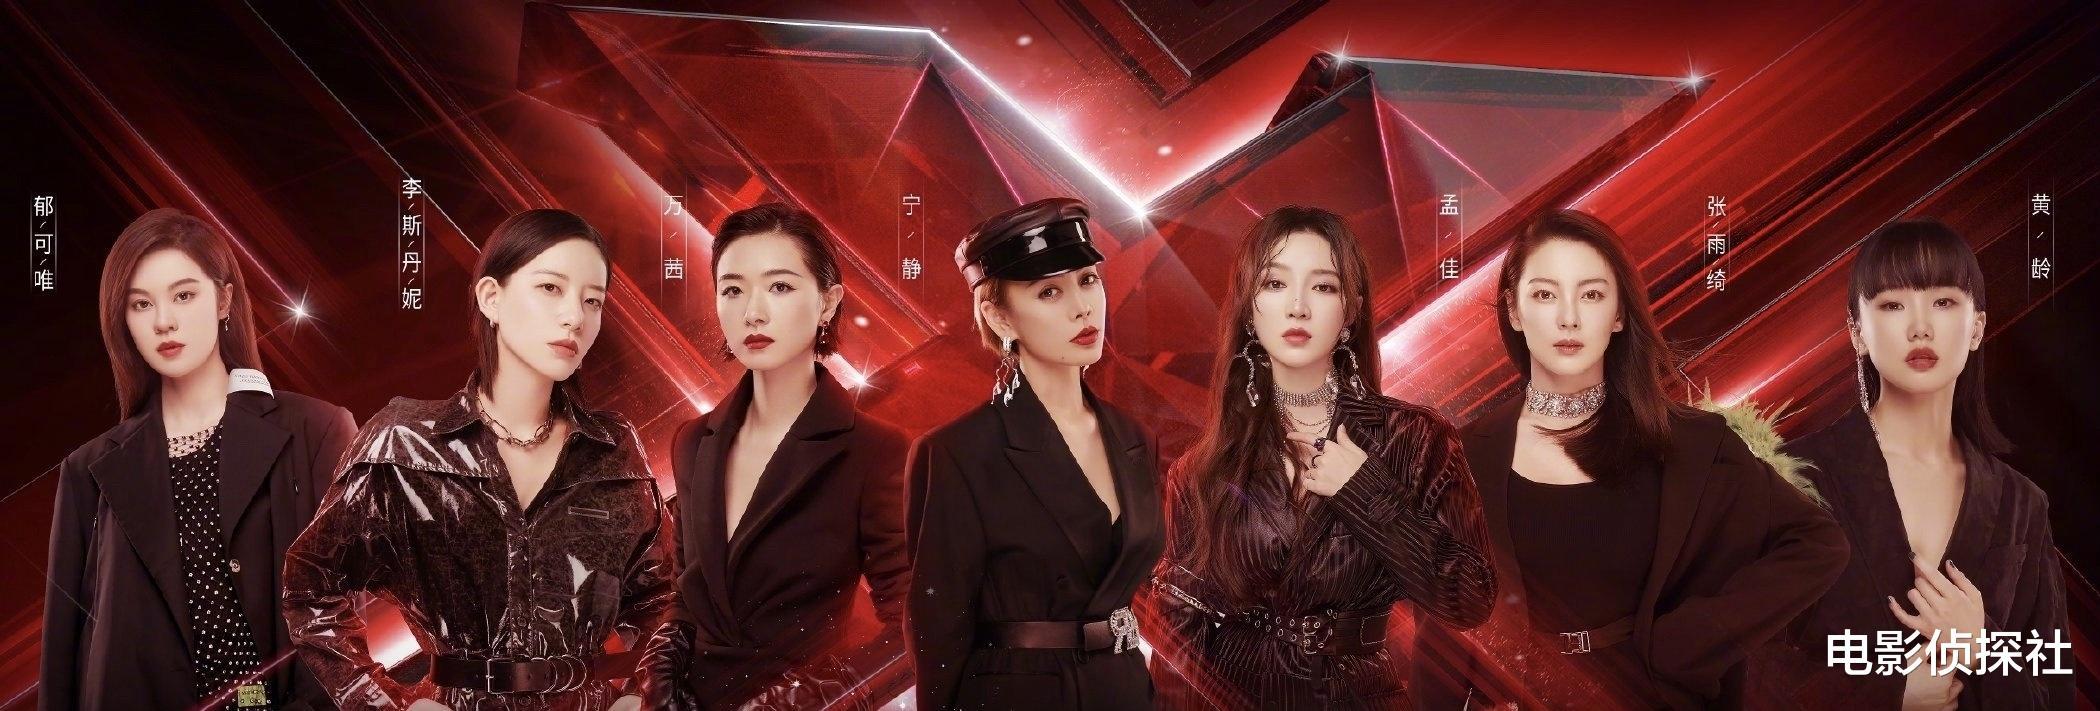 """《浪姐》新綜開始錄制,7位姐姐兵分兩路,""""佛系""""黃齡最為尷尬-圖3"""